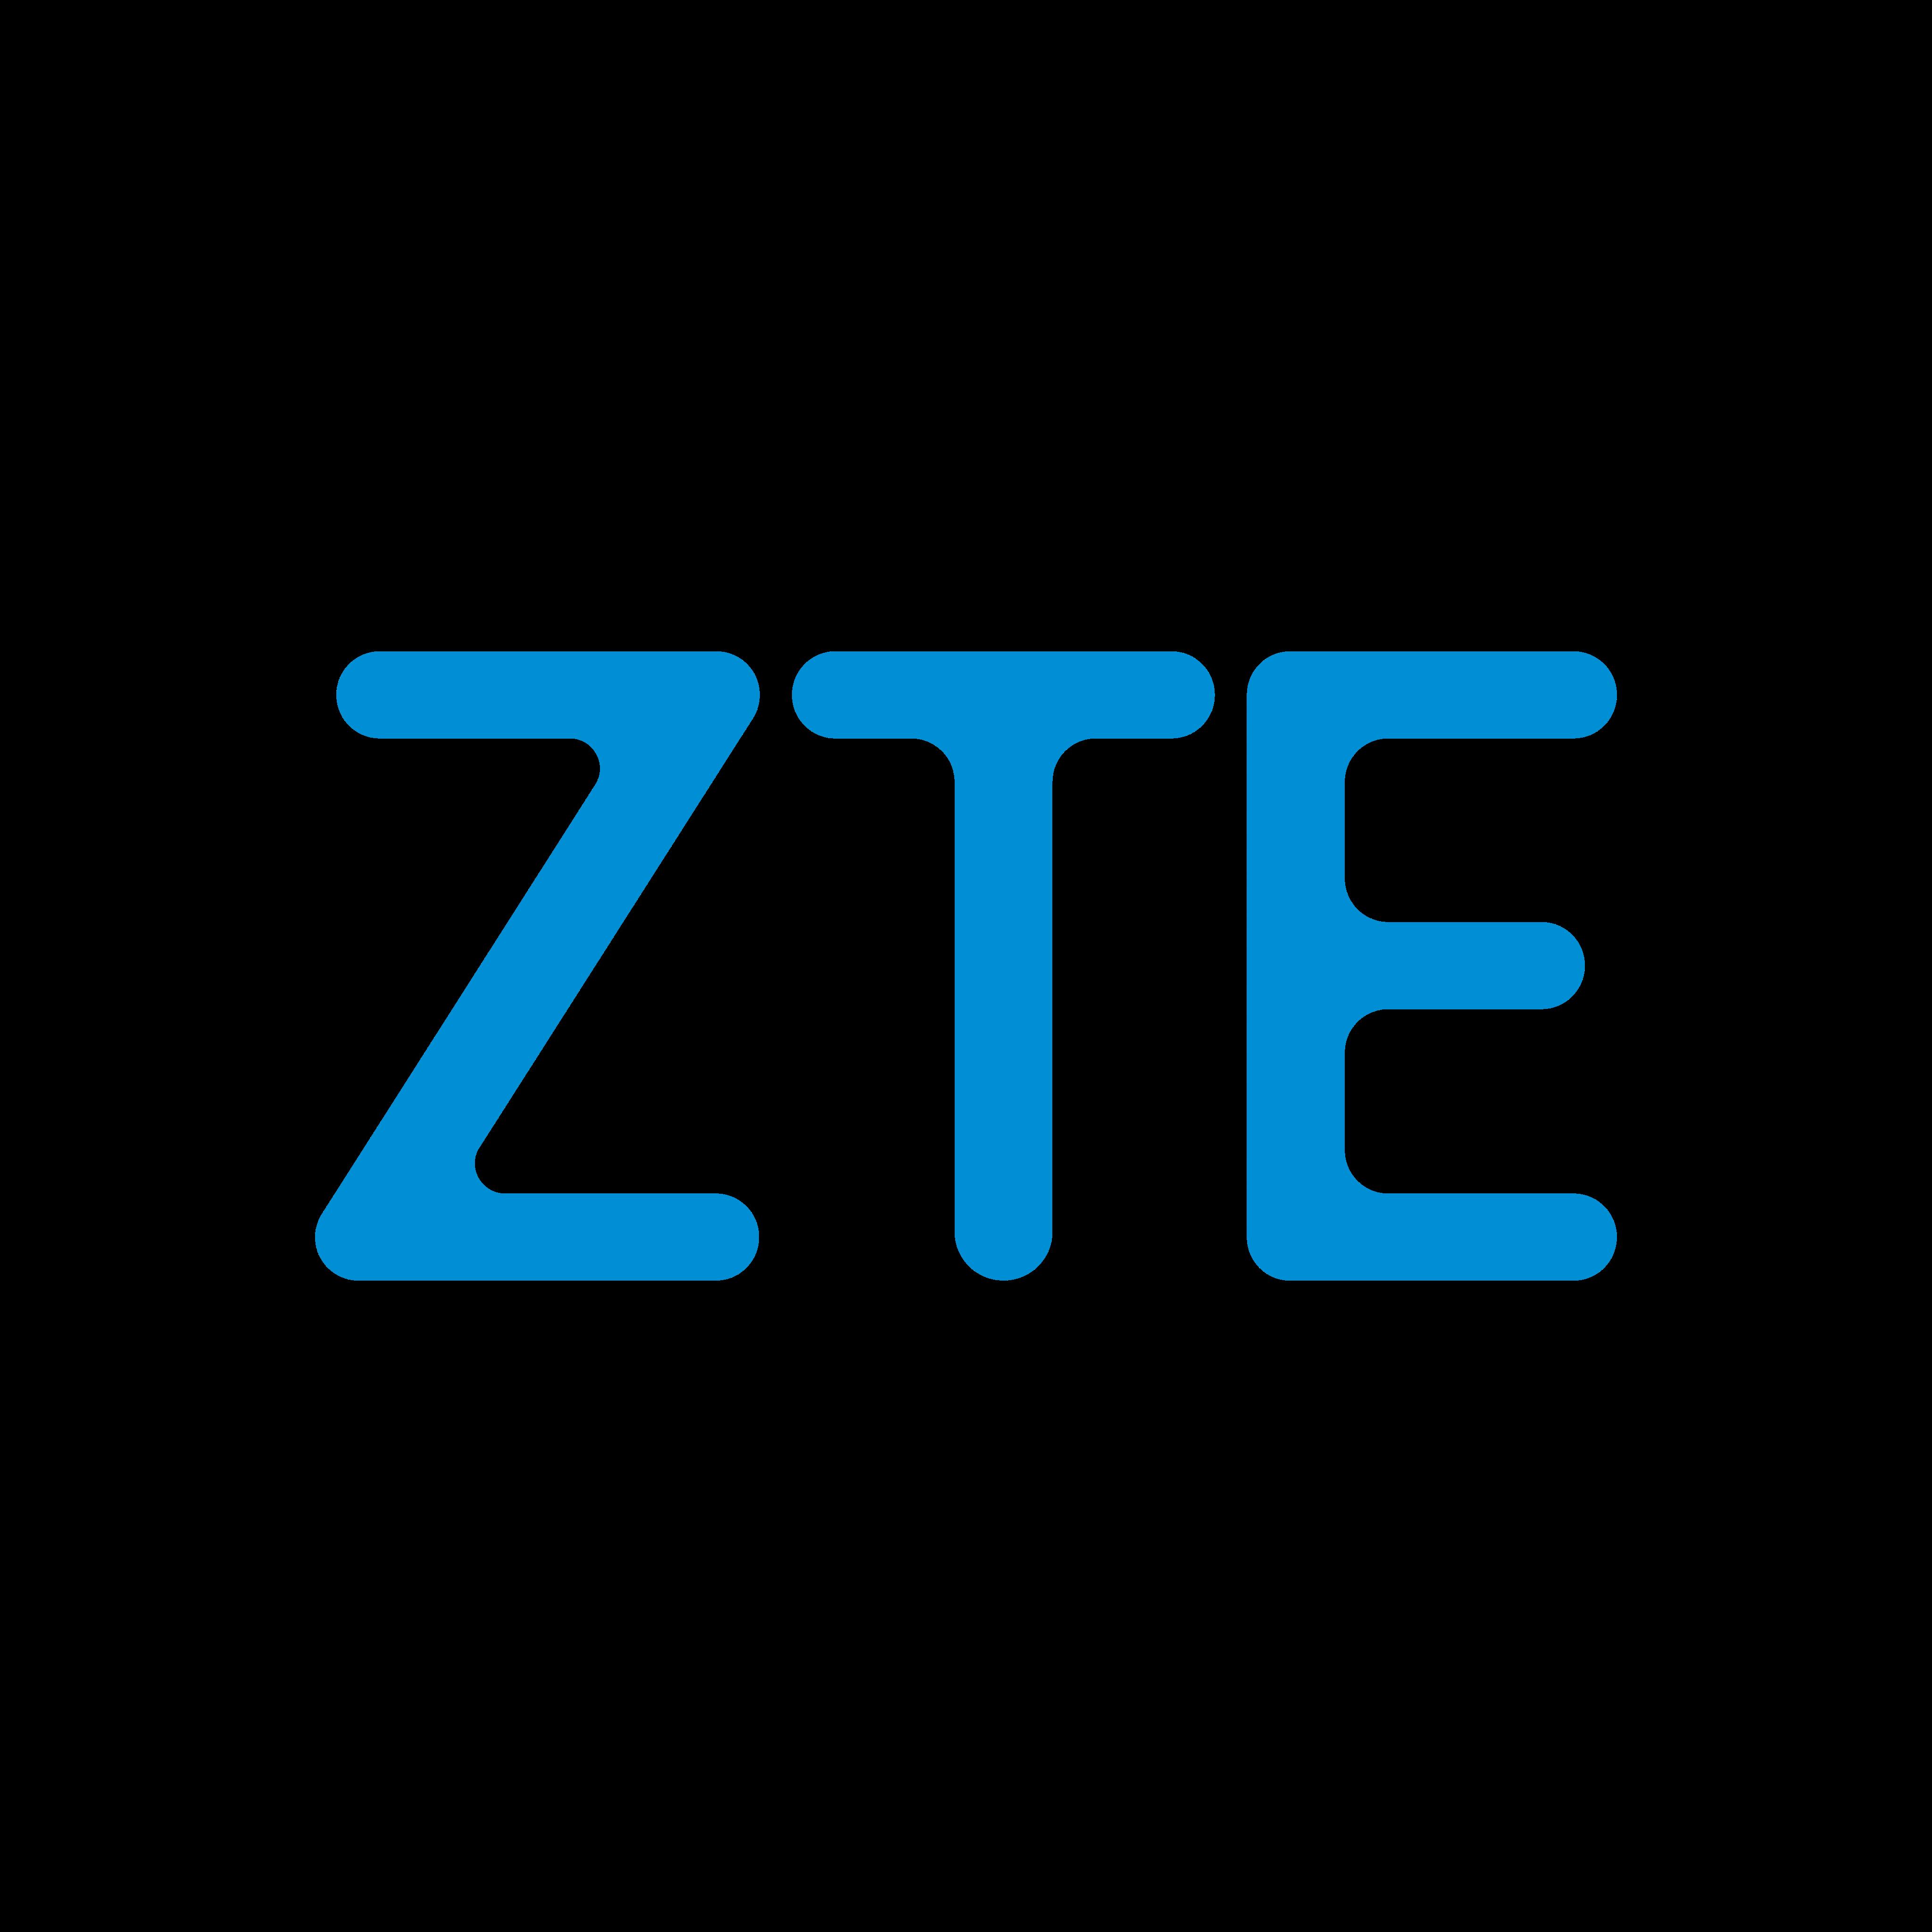 zte logo 0 - ZTE Logo